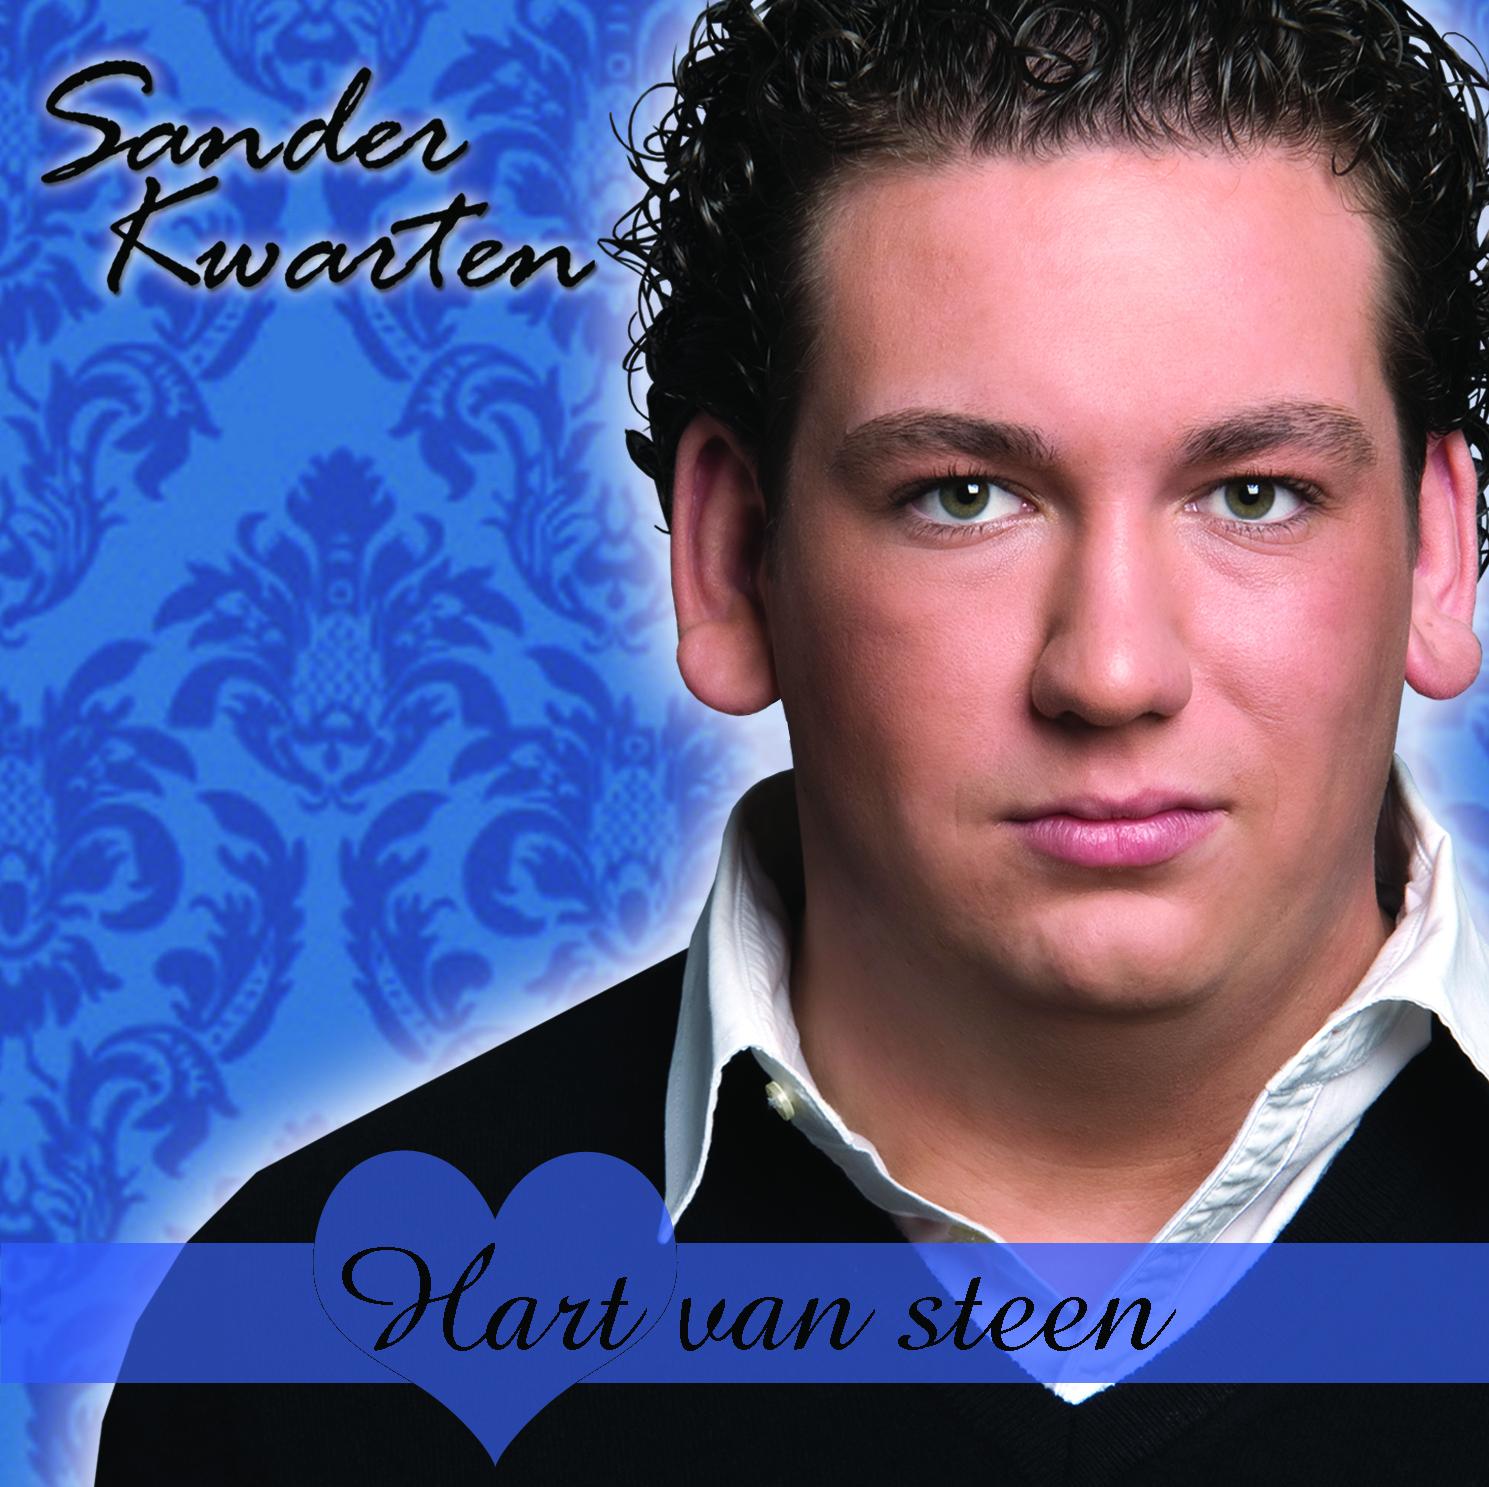 Citaten Hart Van Steen : Sander kwarten met quot hart van steen in de single top